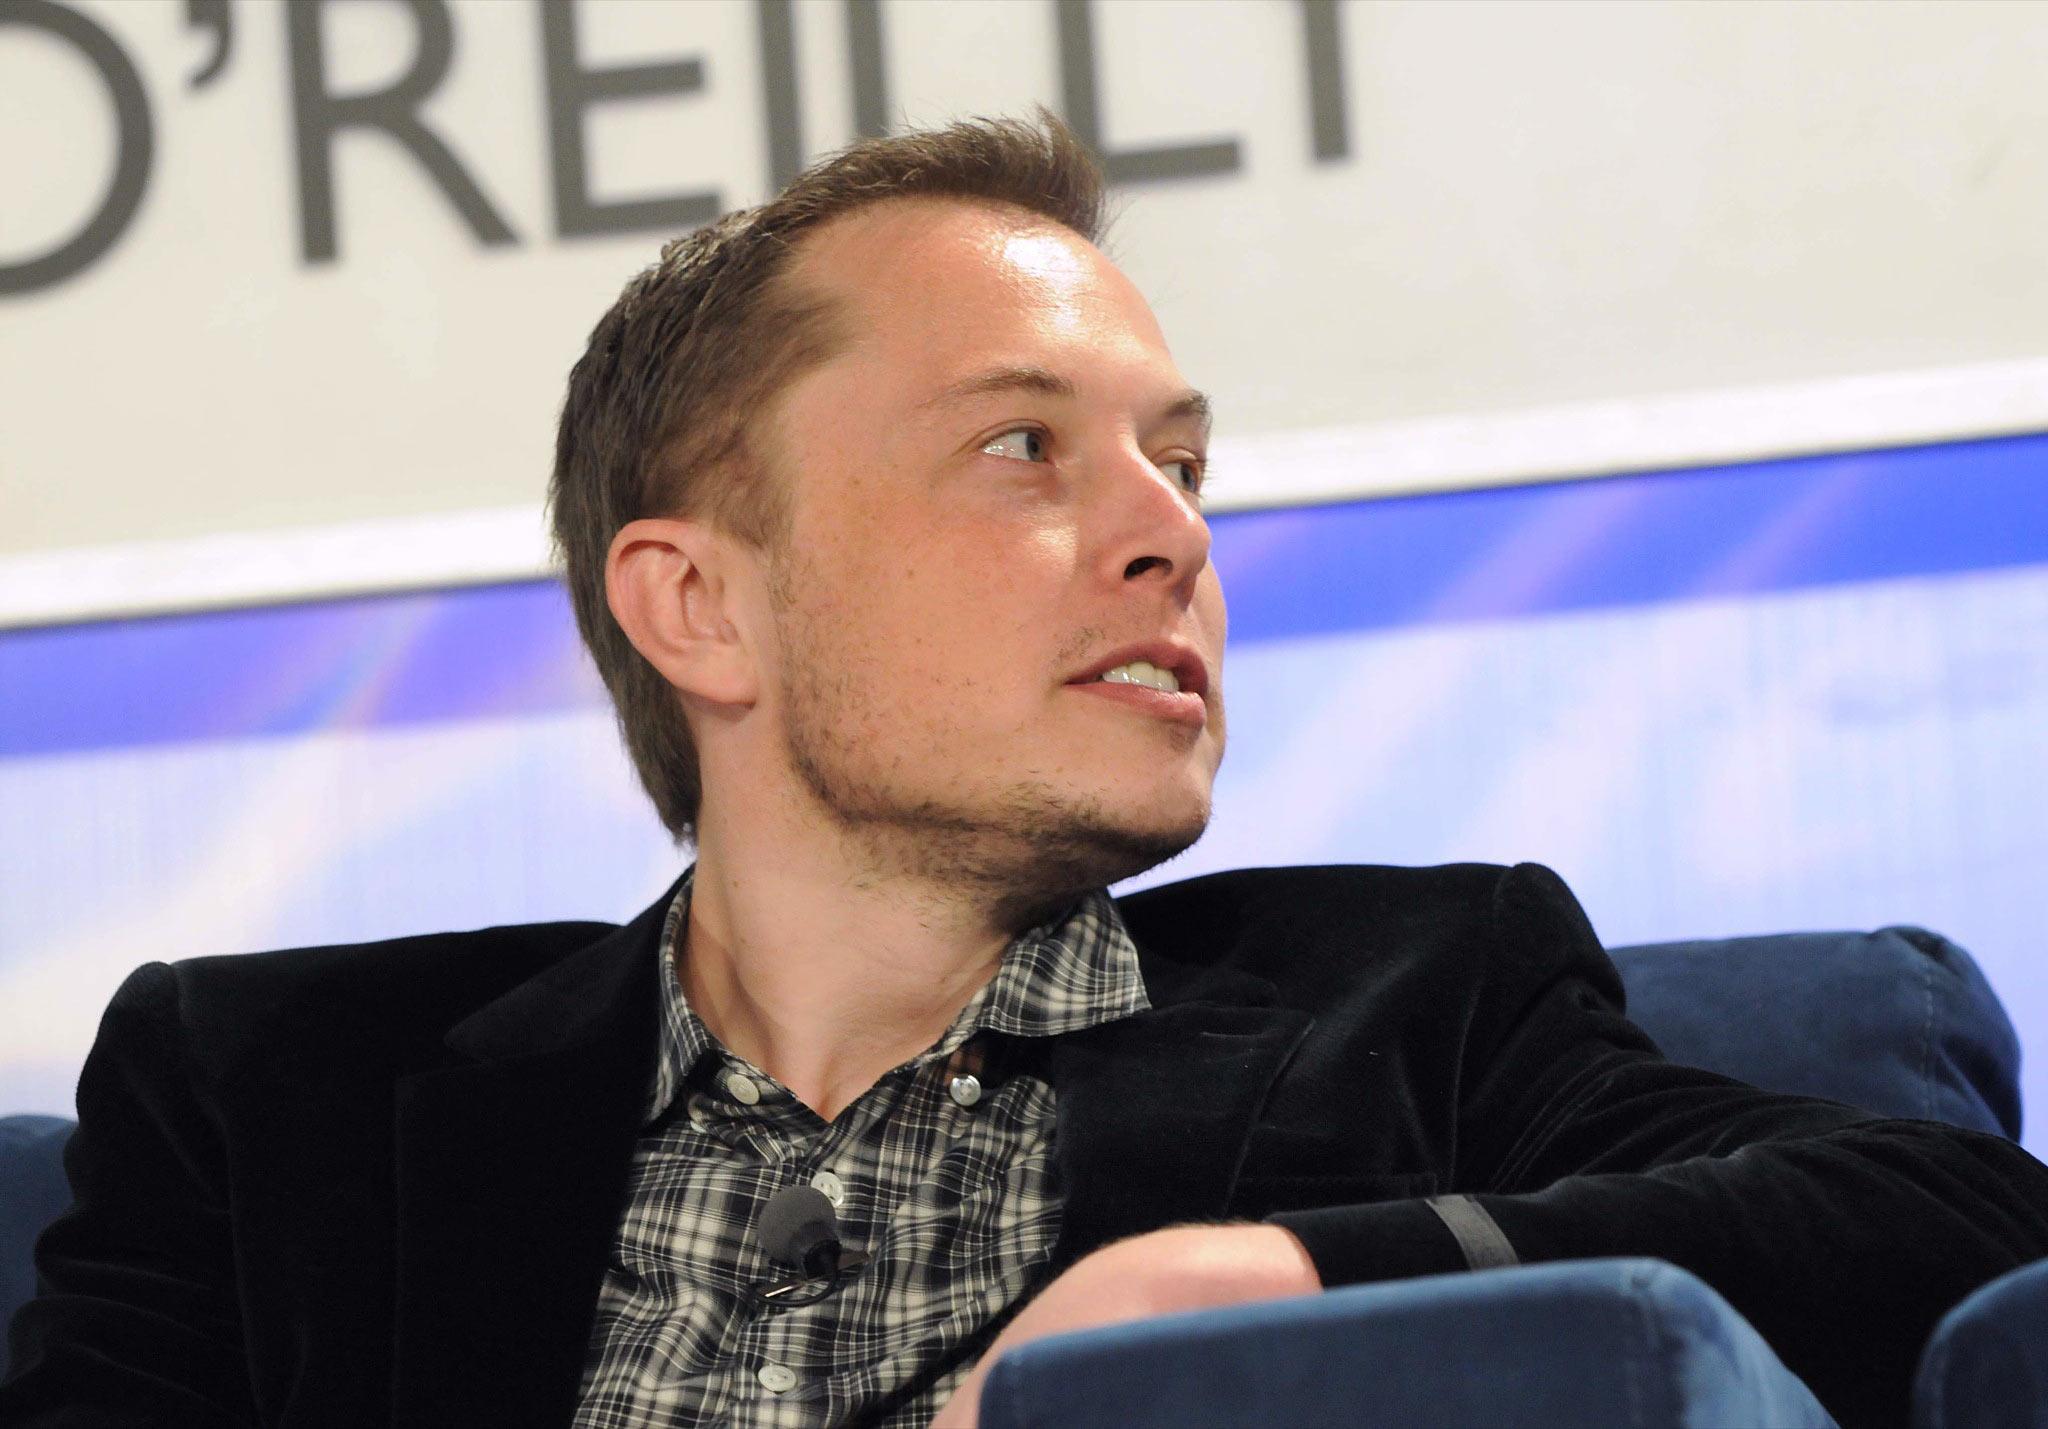 Elon Musk in 2008